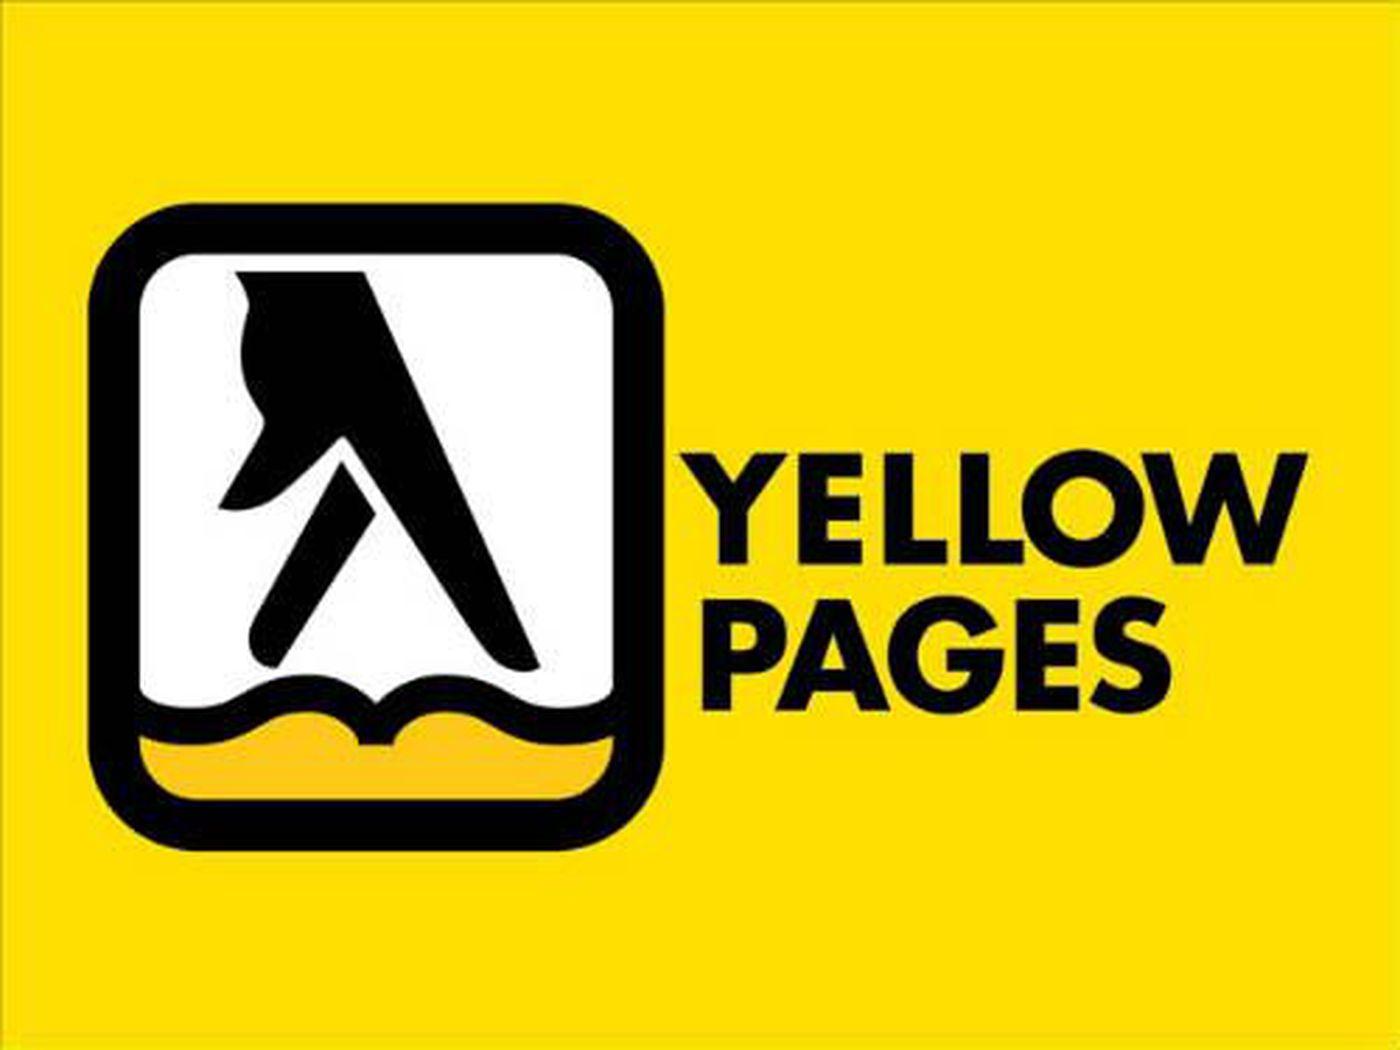 Yellow Pages là gì